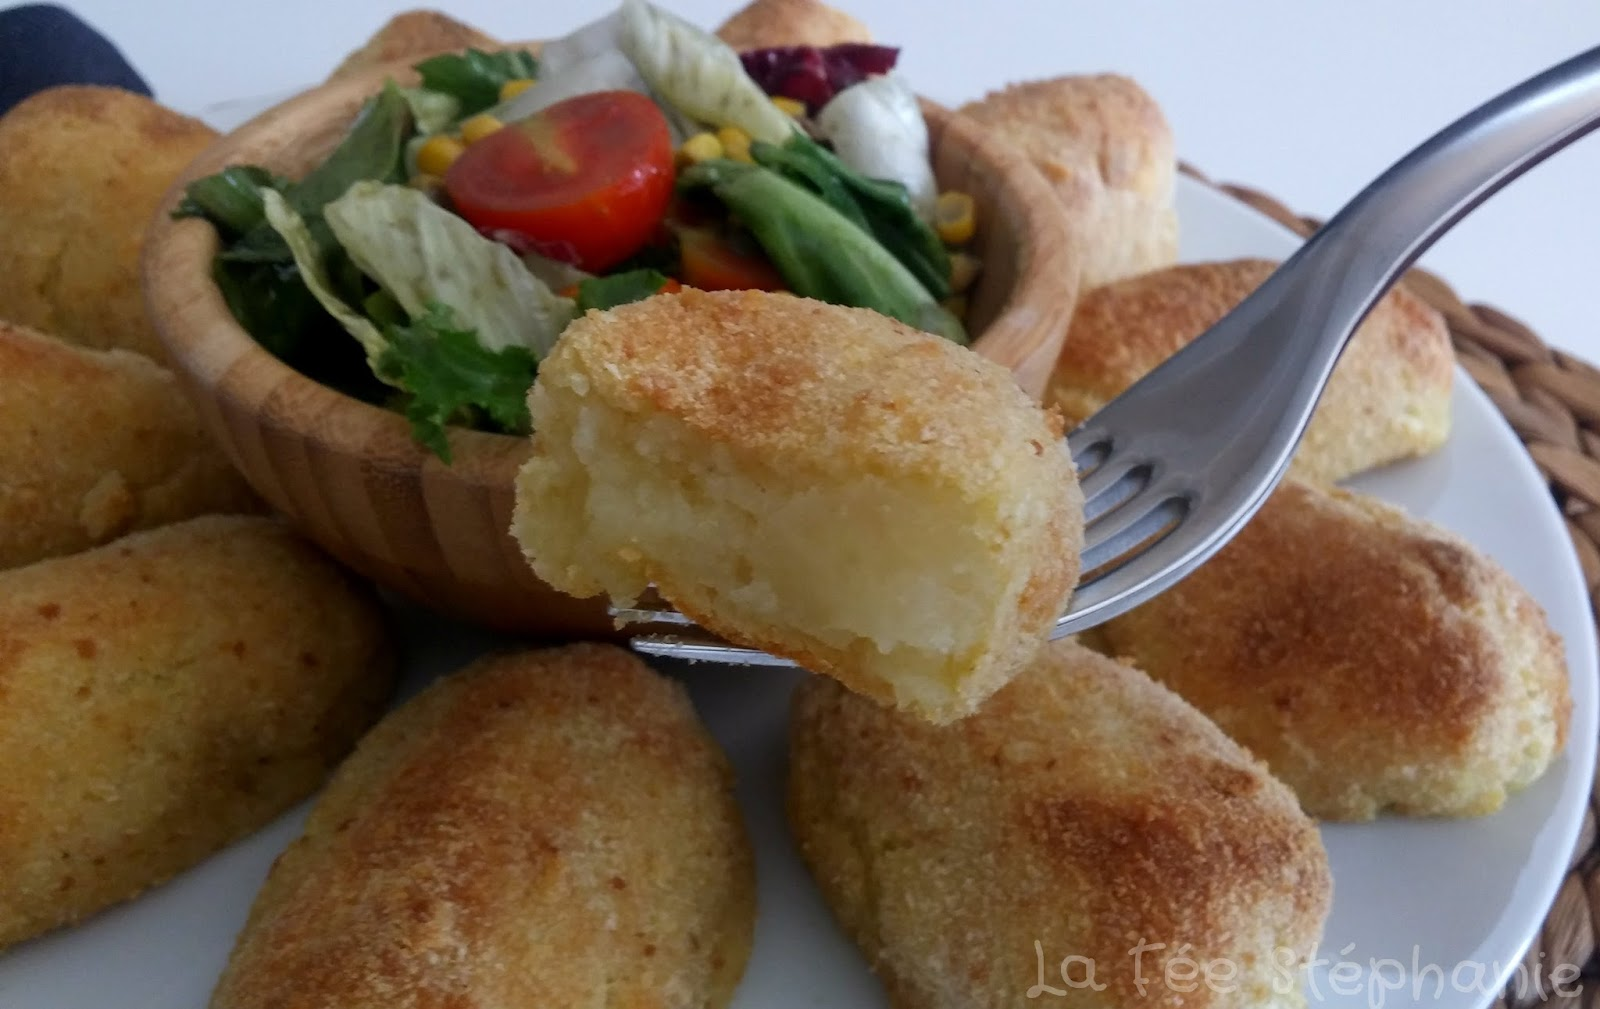 Recette Vegetalienne Pour Les Enfants Croquettes De Pommes De Terre